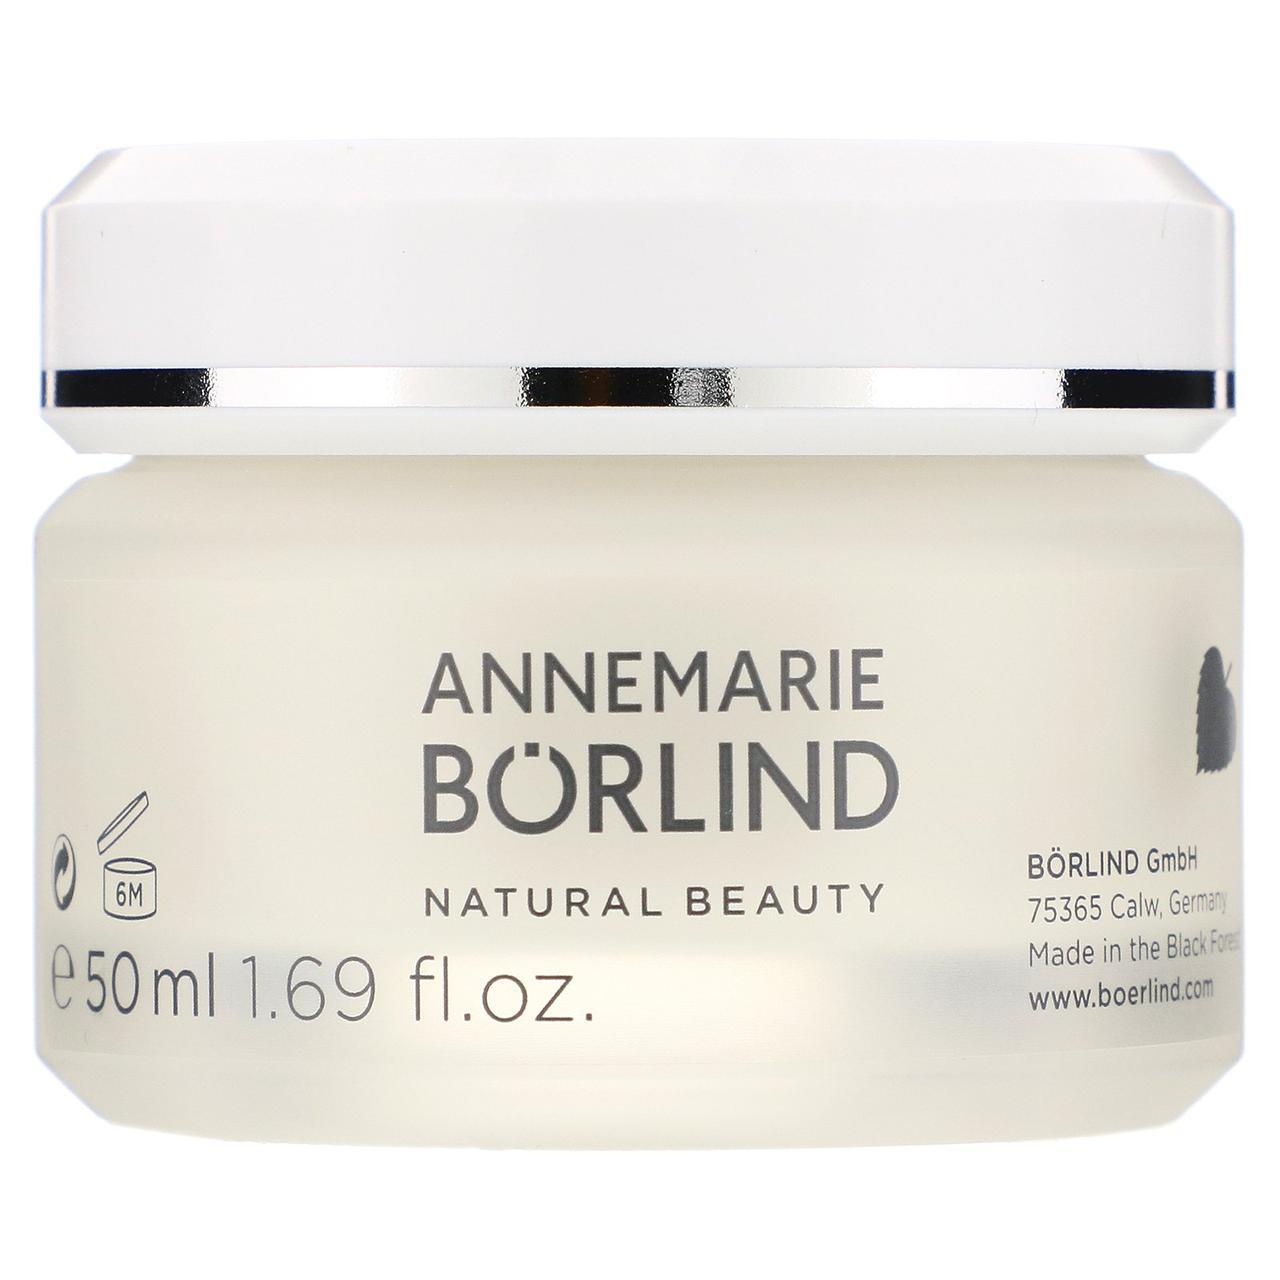 Зволожуючий аква крем для сухої шкіри, AnneMarie Borlind, 50 мл